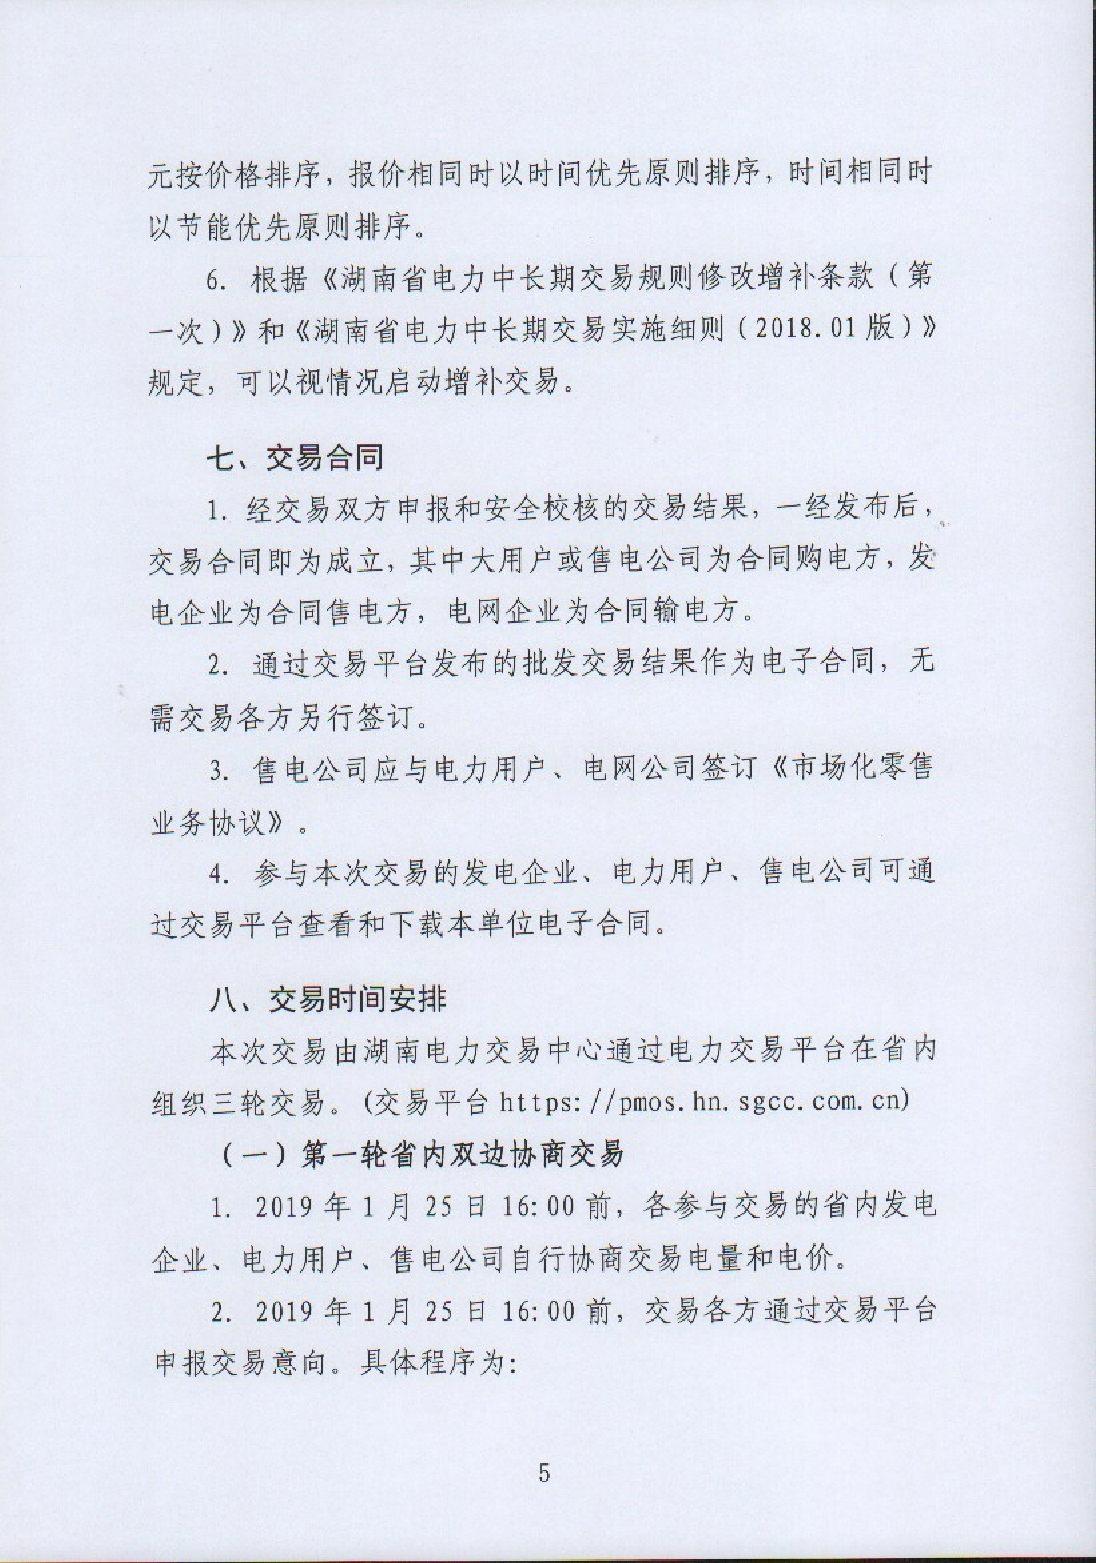 湖南電力交易中心有限公司關于2019年2月電力市場交易的公告.pdf_page_5_compressed.jpg